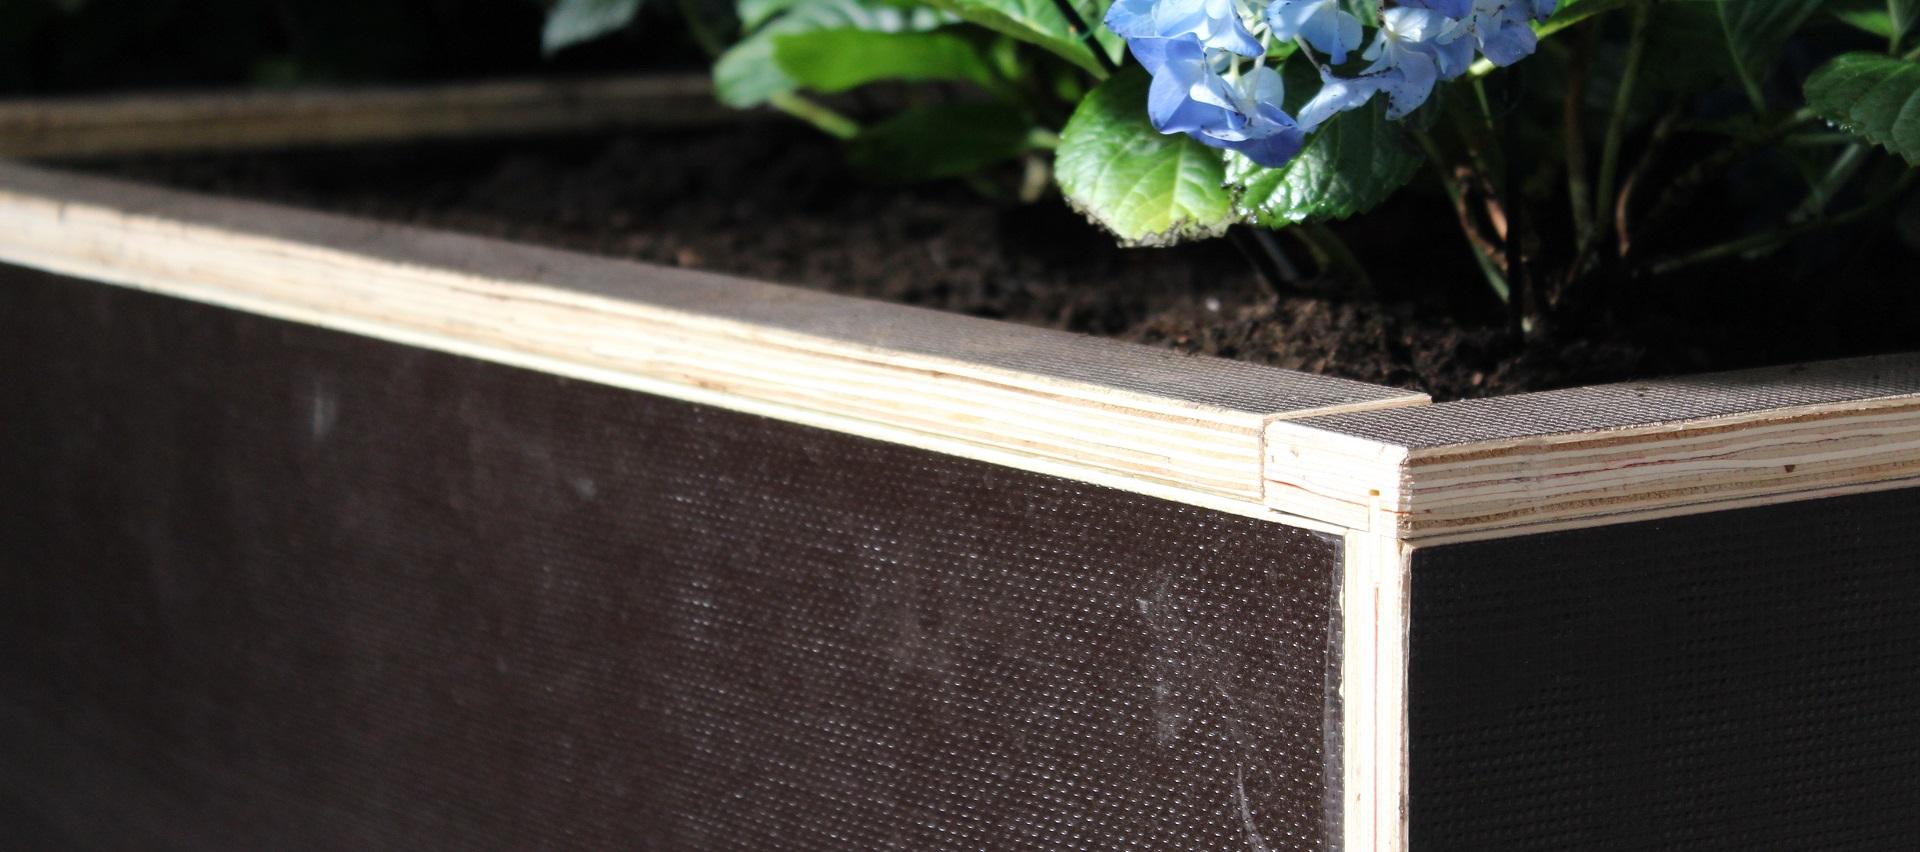 Pflanzbeete aus Siebdruckplatten auf der Bundesgartenschau Heilbronn von Holz-Hauff GmbH in Leingarten